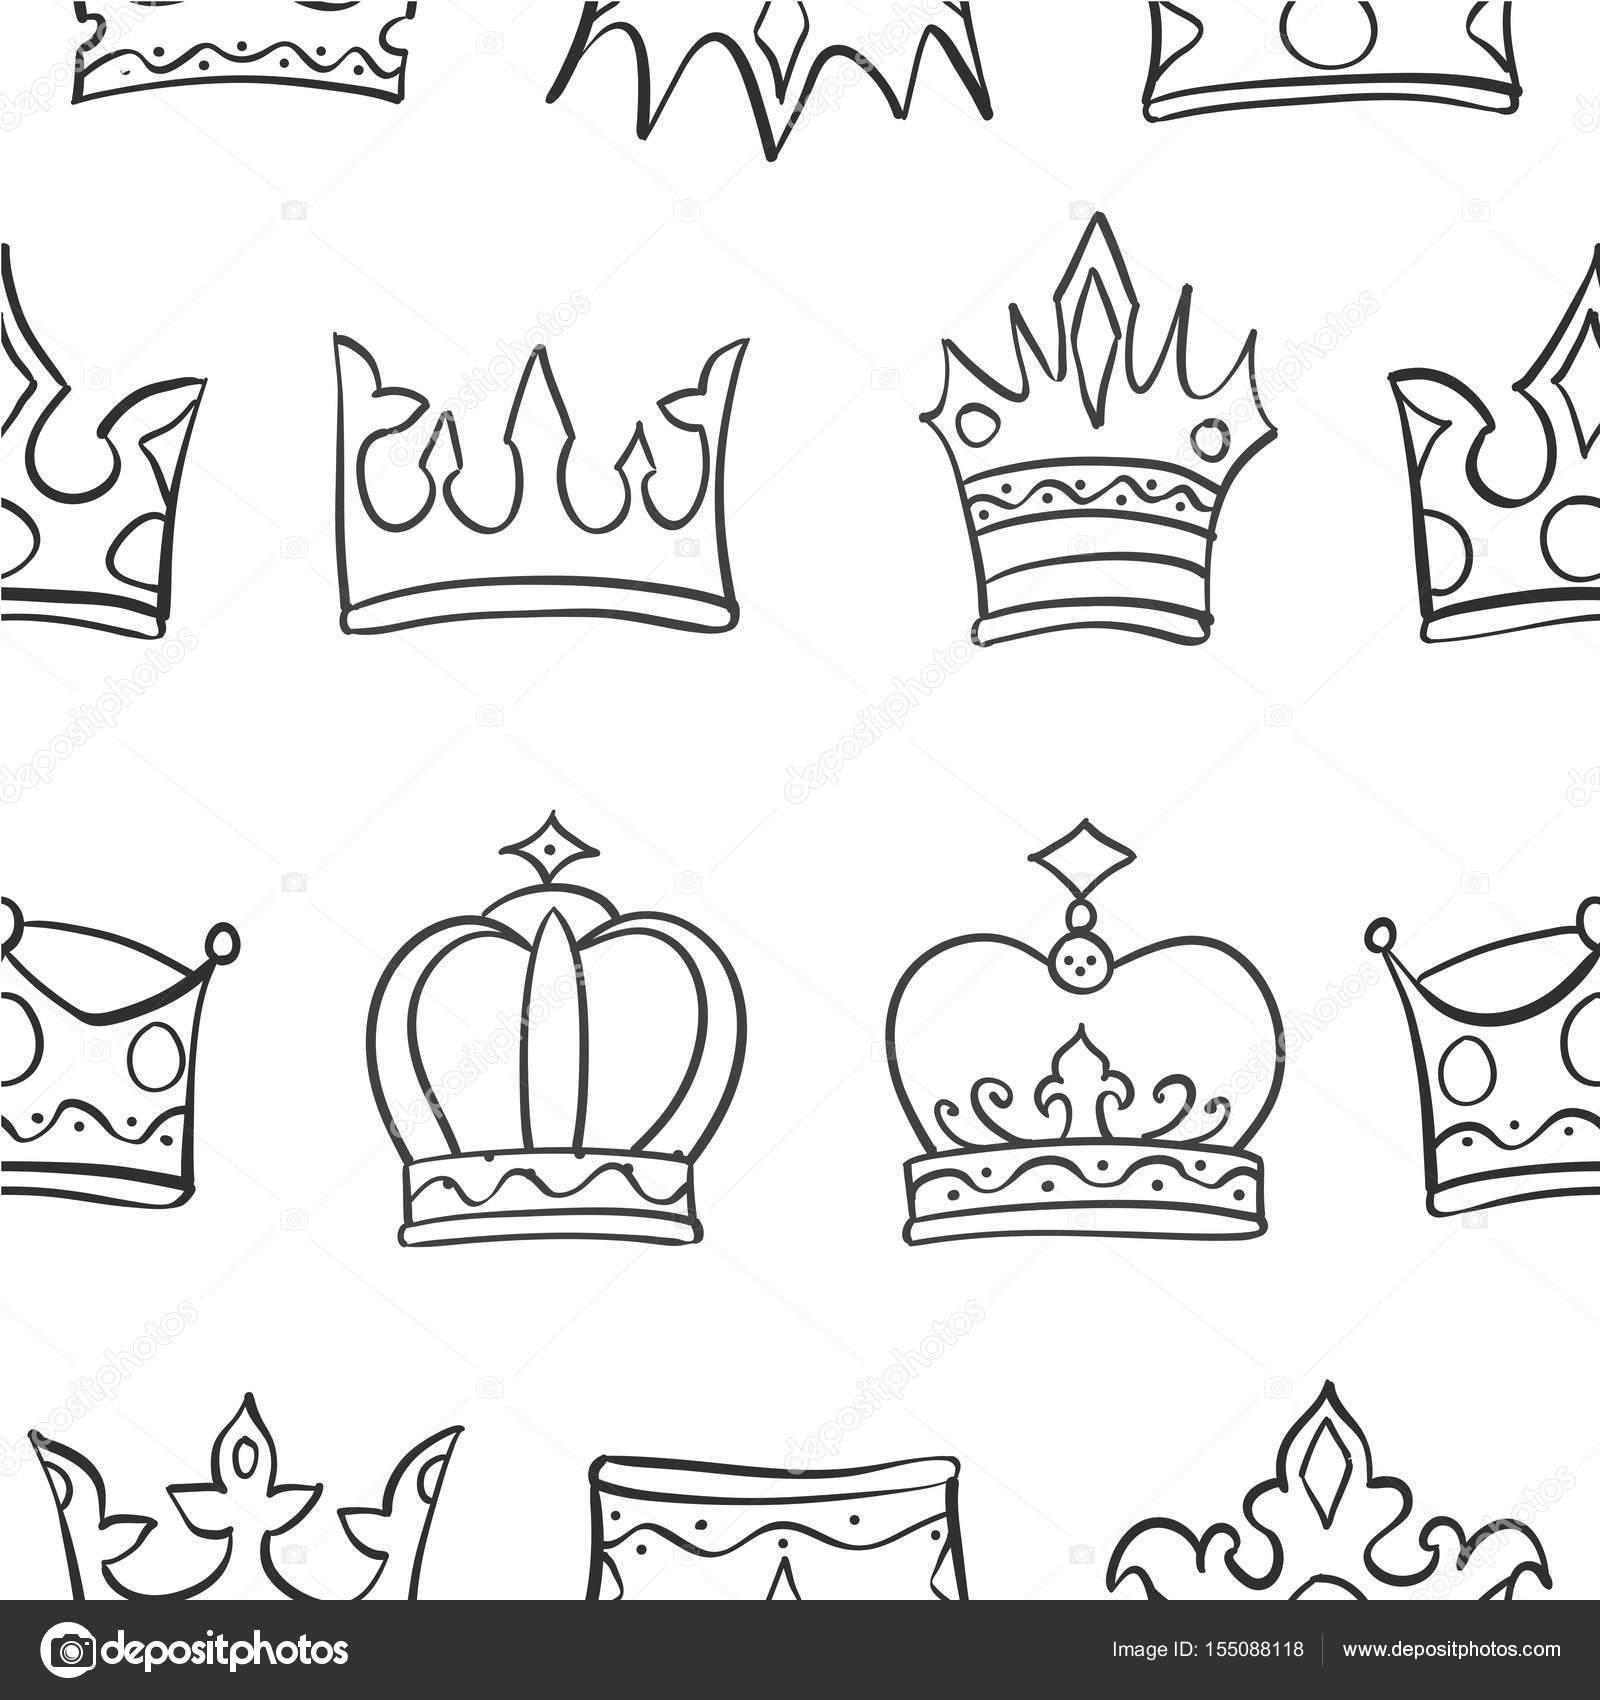 Imágenes Coronas Para Dibujar Patrón De Dibujo Vector Arte Corona